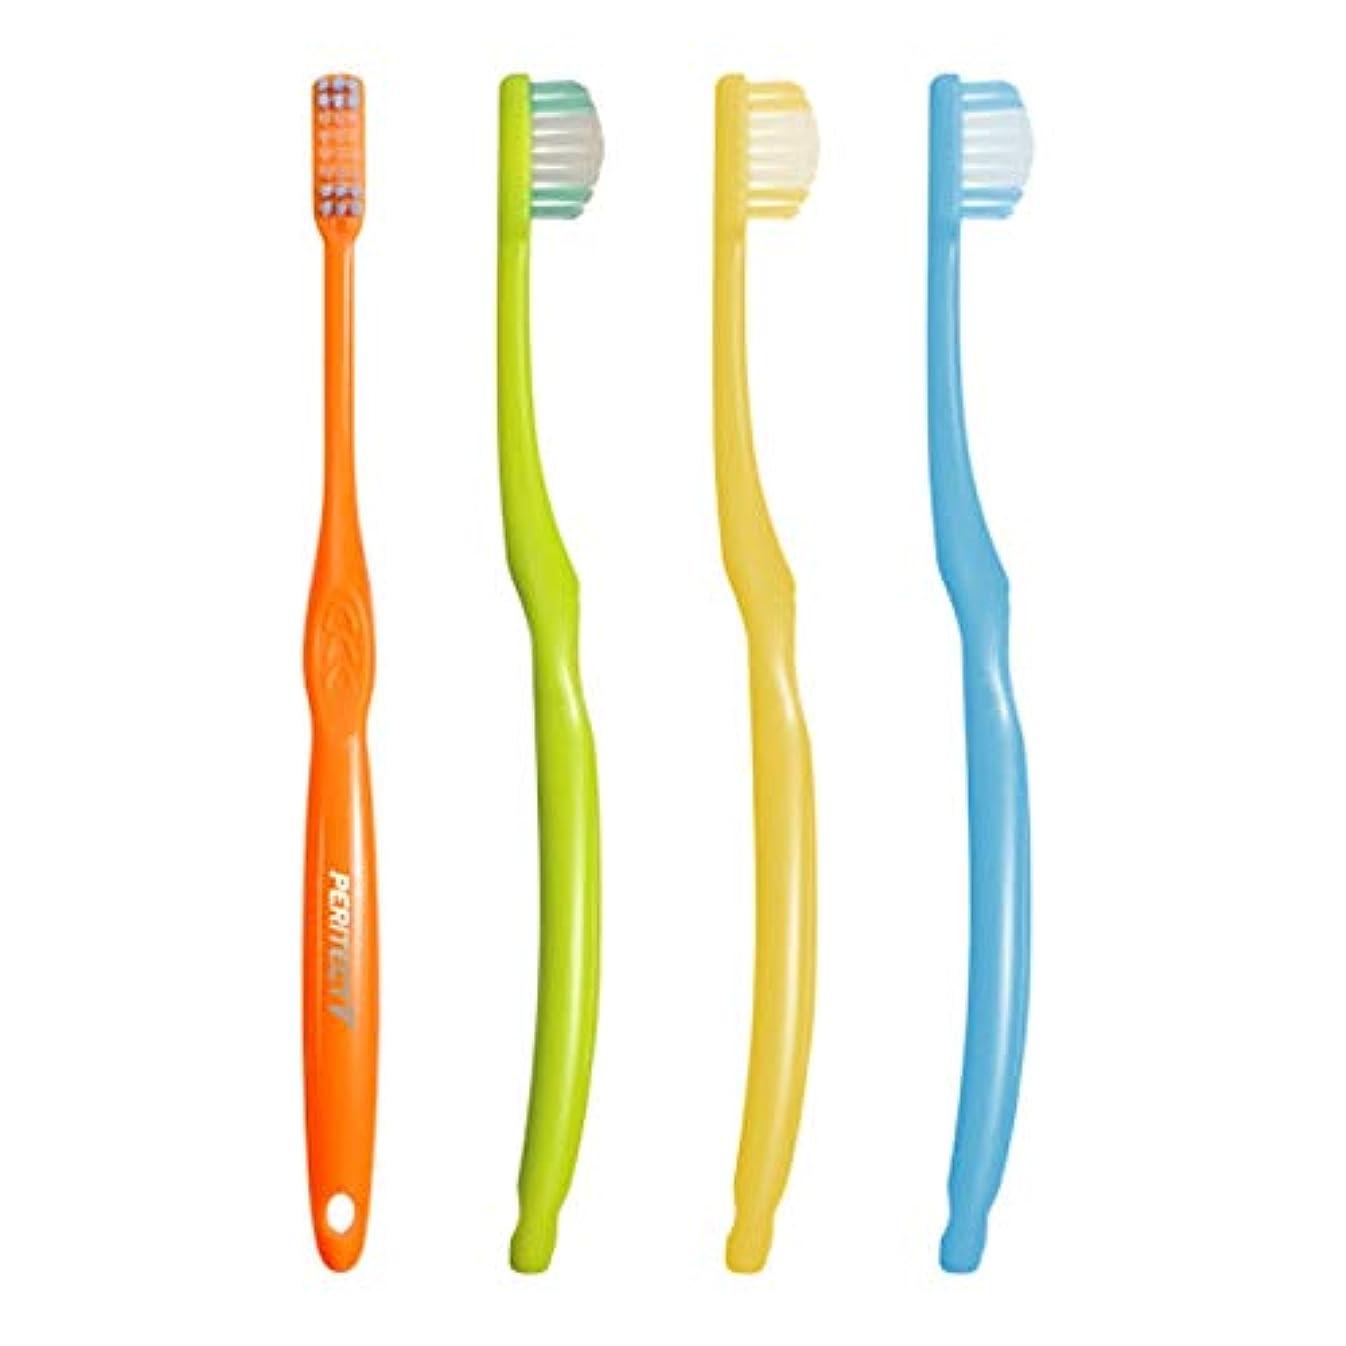 ギャロップ修正する不実ビーブランド PERITECT V ペリテクト ブイ 8M(ふつう)×1本 歯ブラシ 歯科専売品